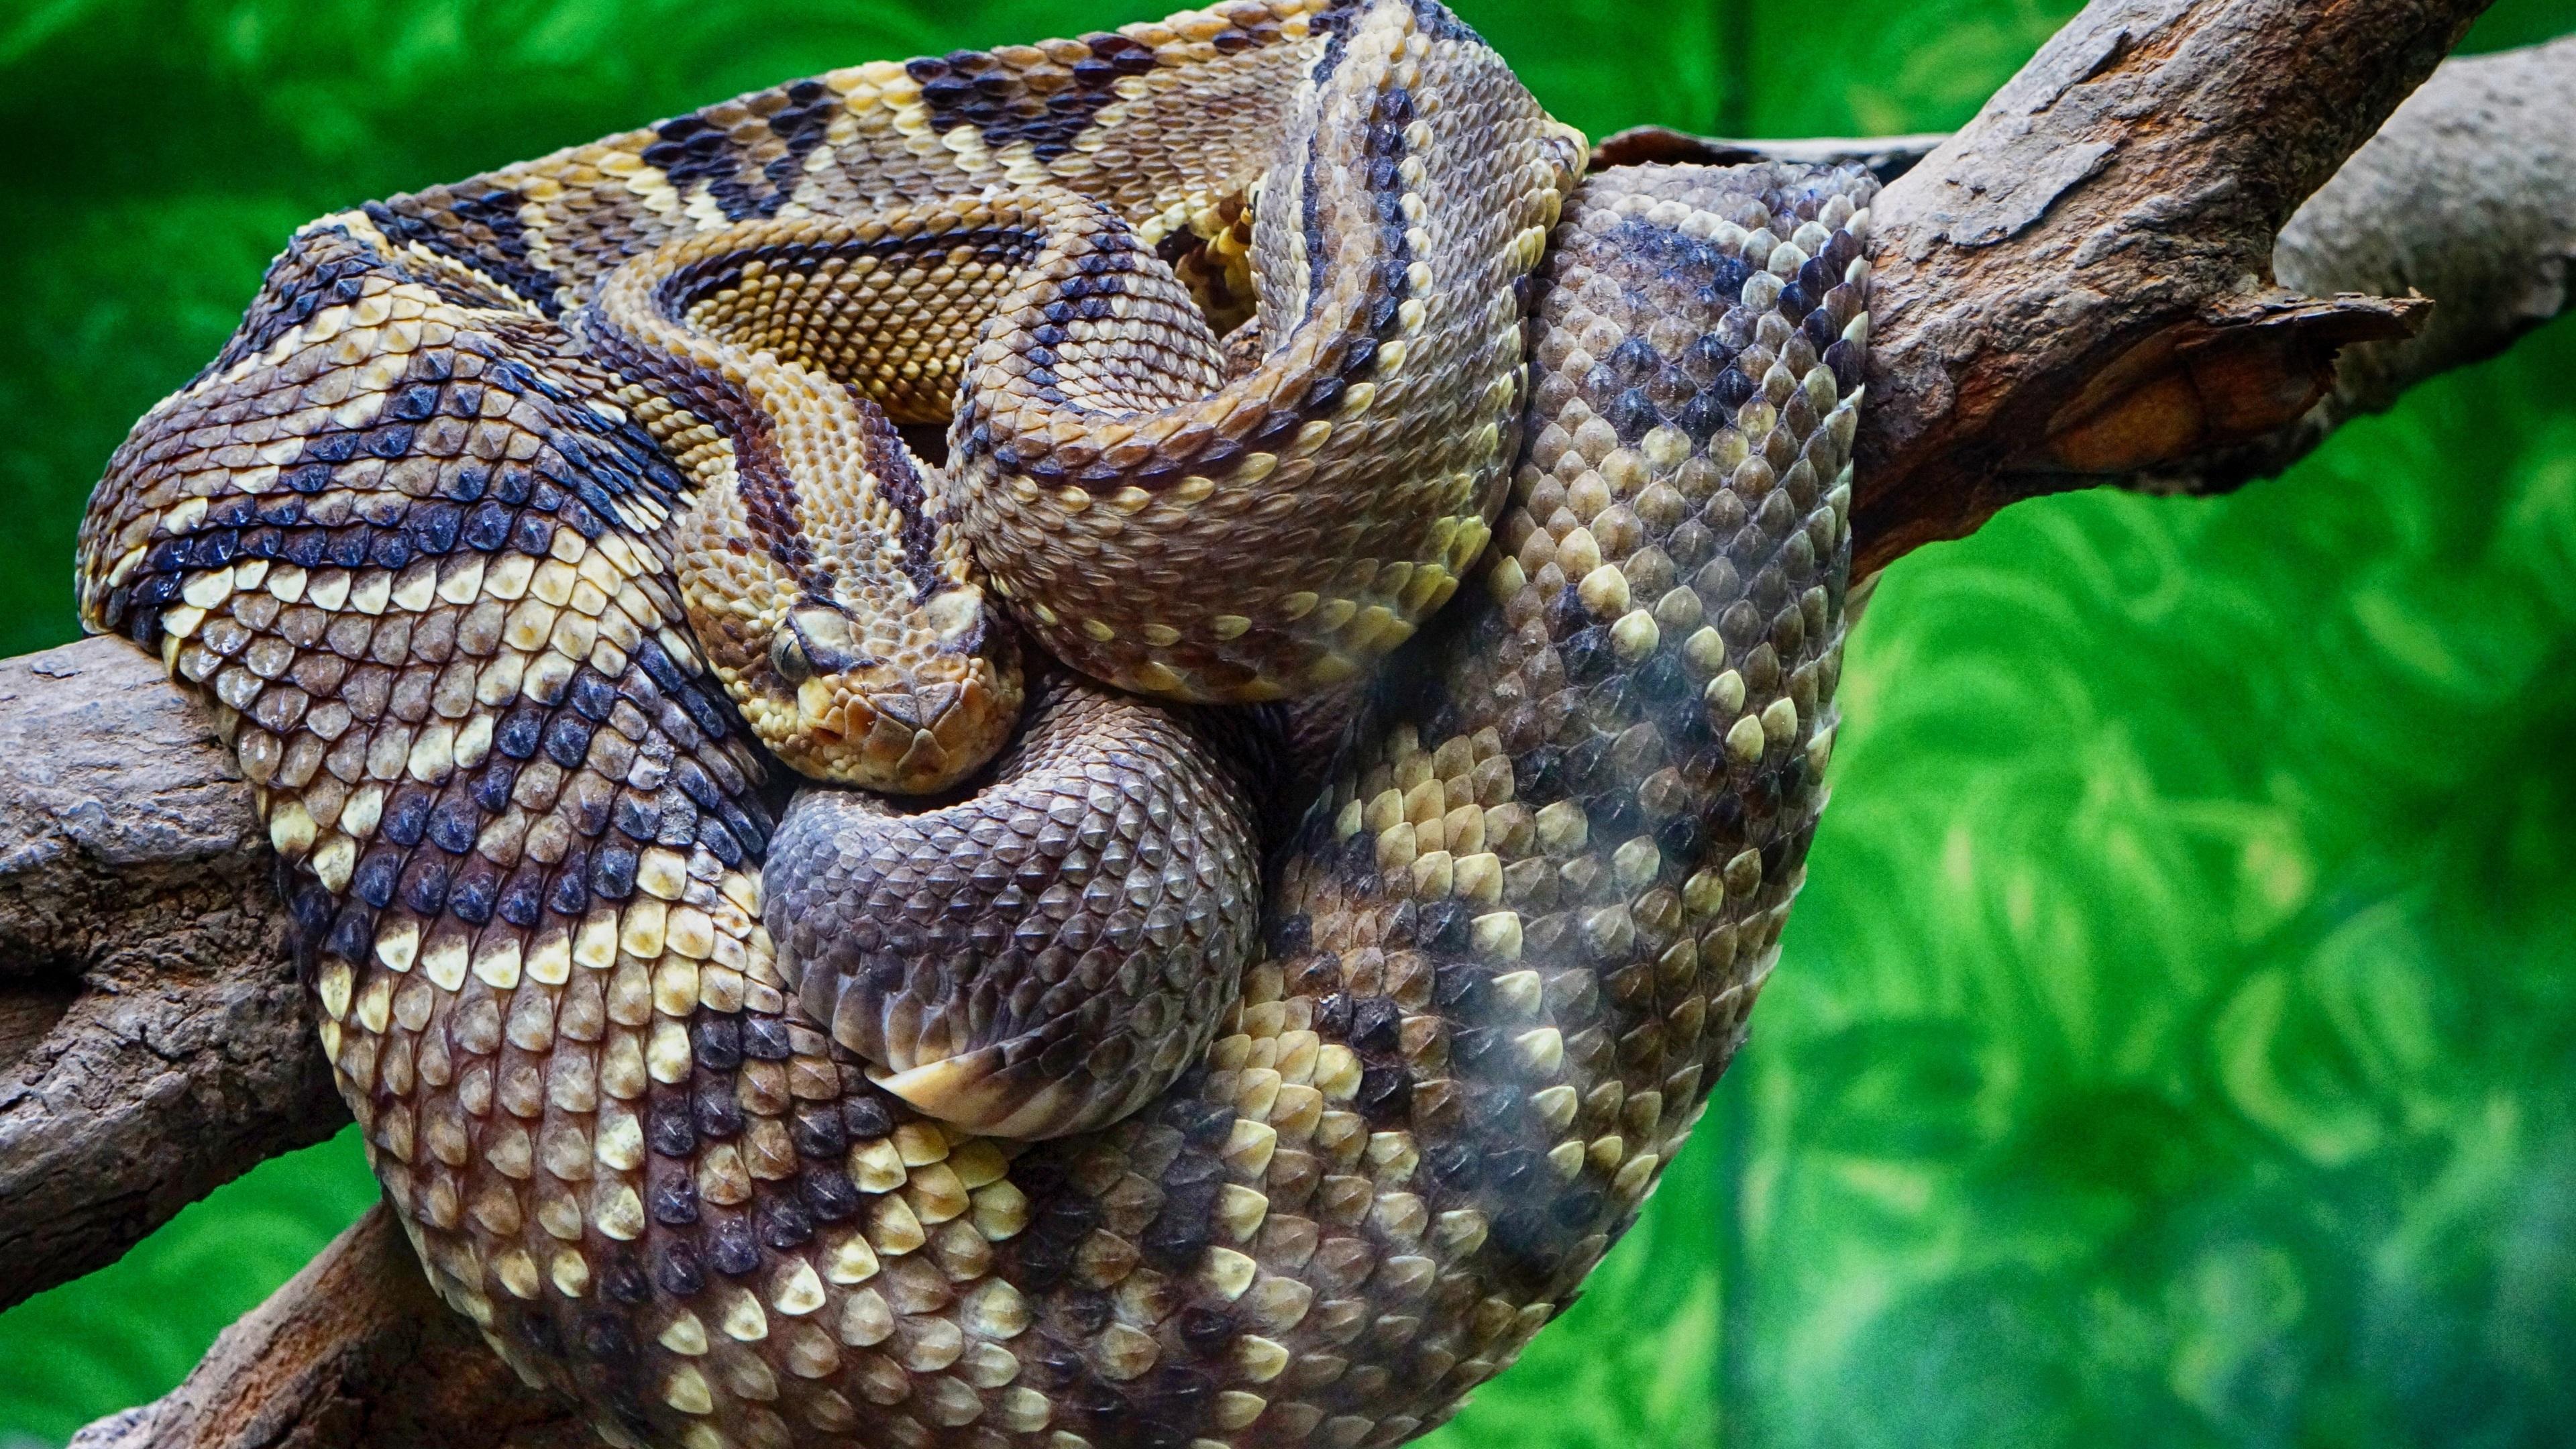 响尾蛇特写镜头,蛇,鳞,树 壁纸